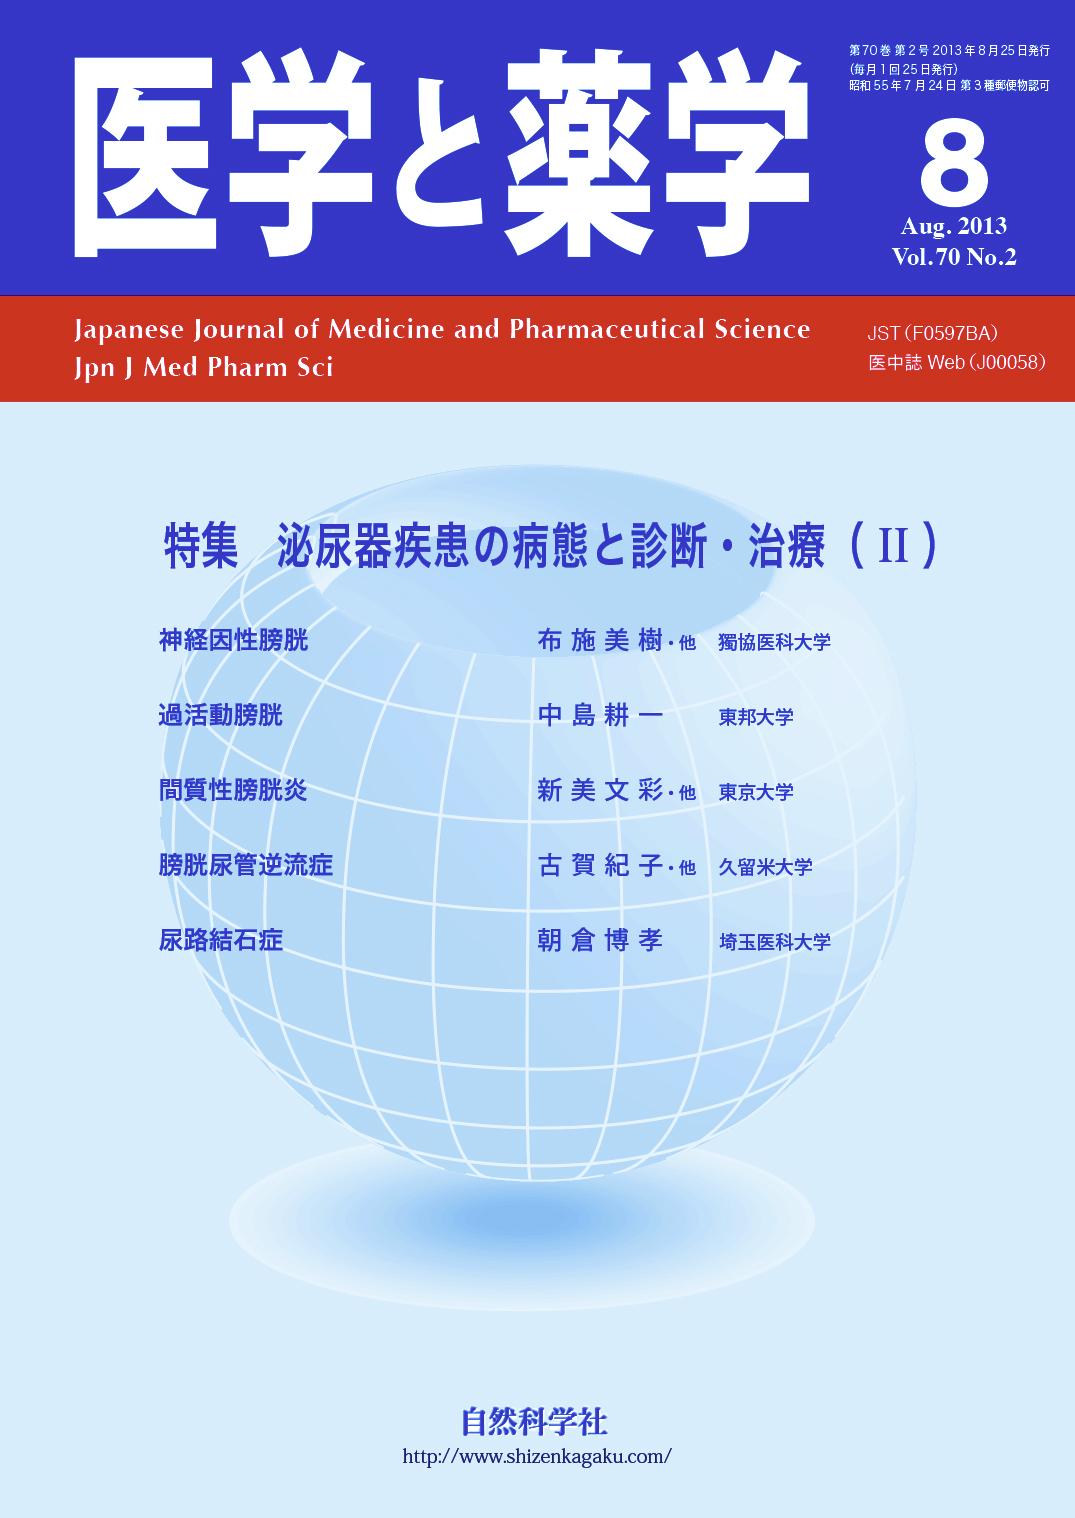 医学と薬学 70巻2号2013年8月